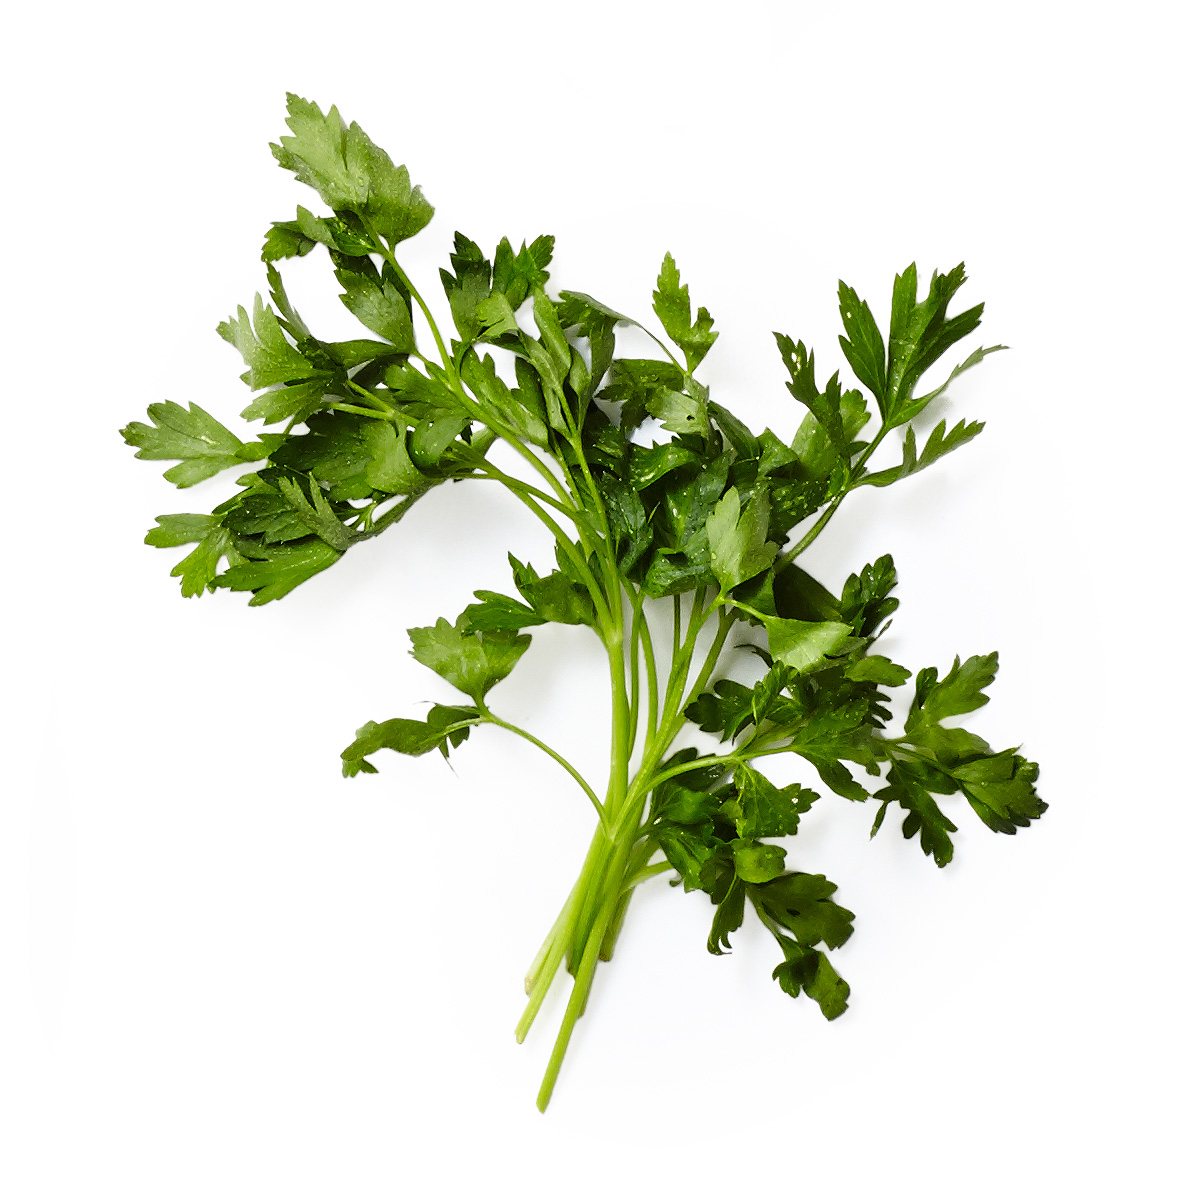 flat leaf parsley herb plant